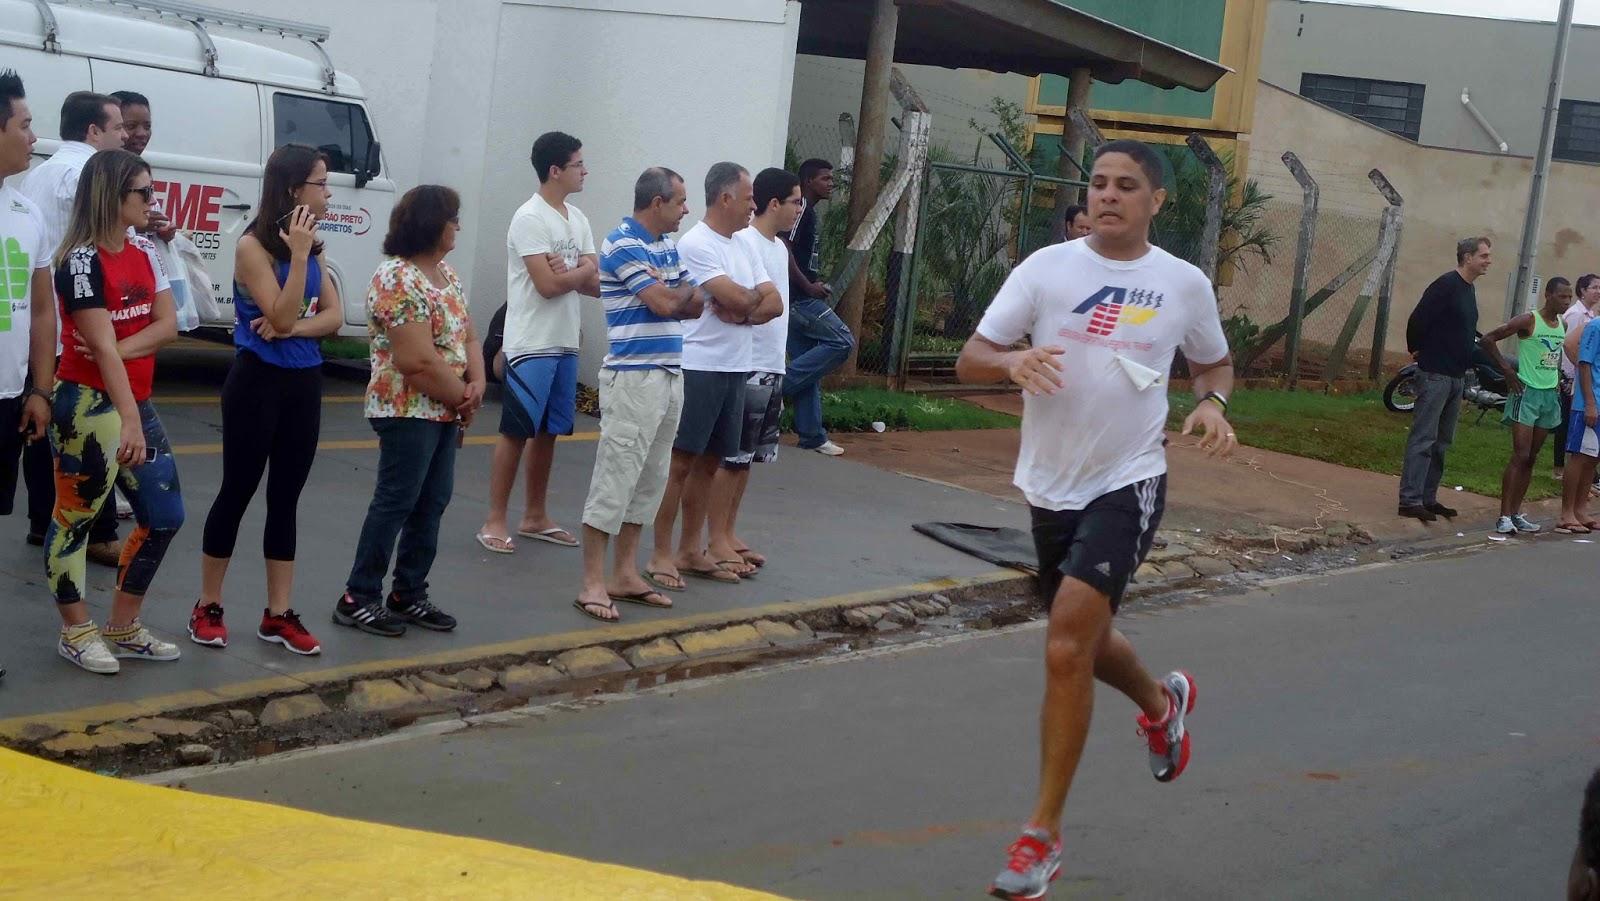 Foto 113 da 1ª Corrida Av. dos Coqueiros em Barretos-SP 14/04/2013 – Atletas cruzando a linha de chegada